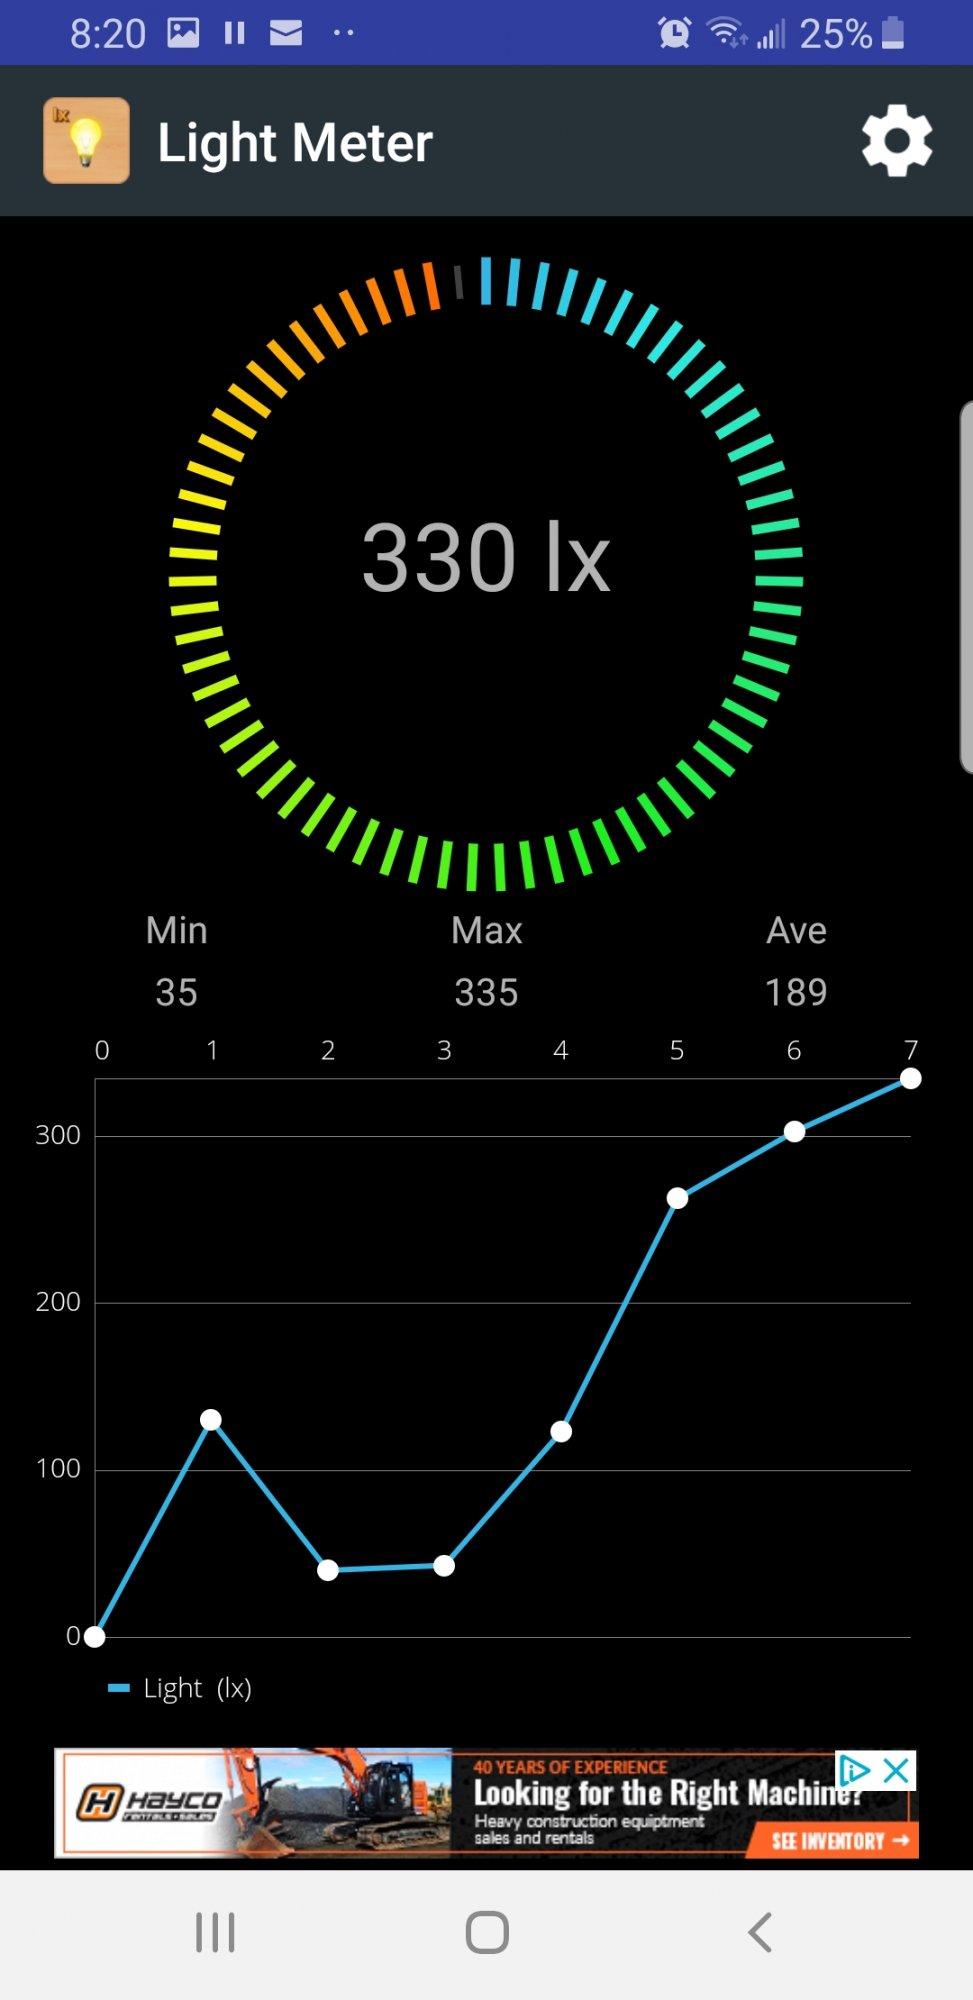 Screenshot_20210511-082057_Light Meter.jpg